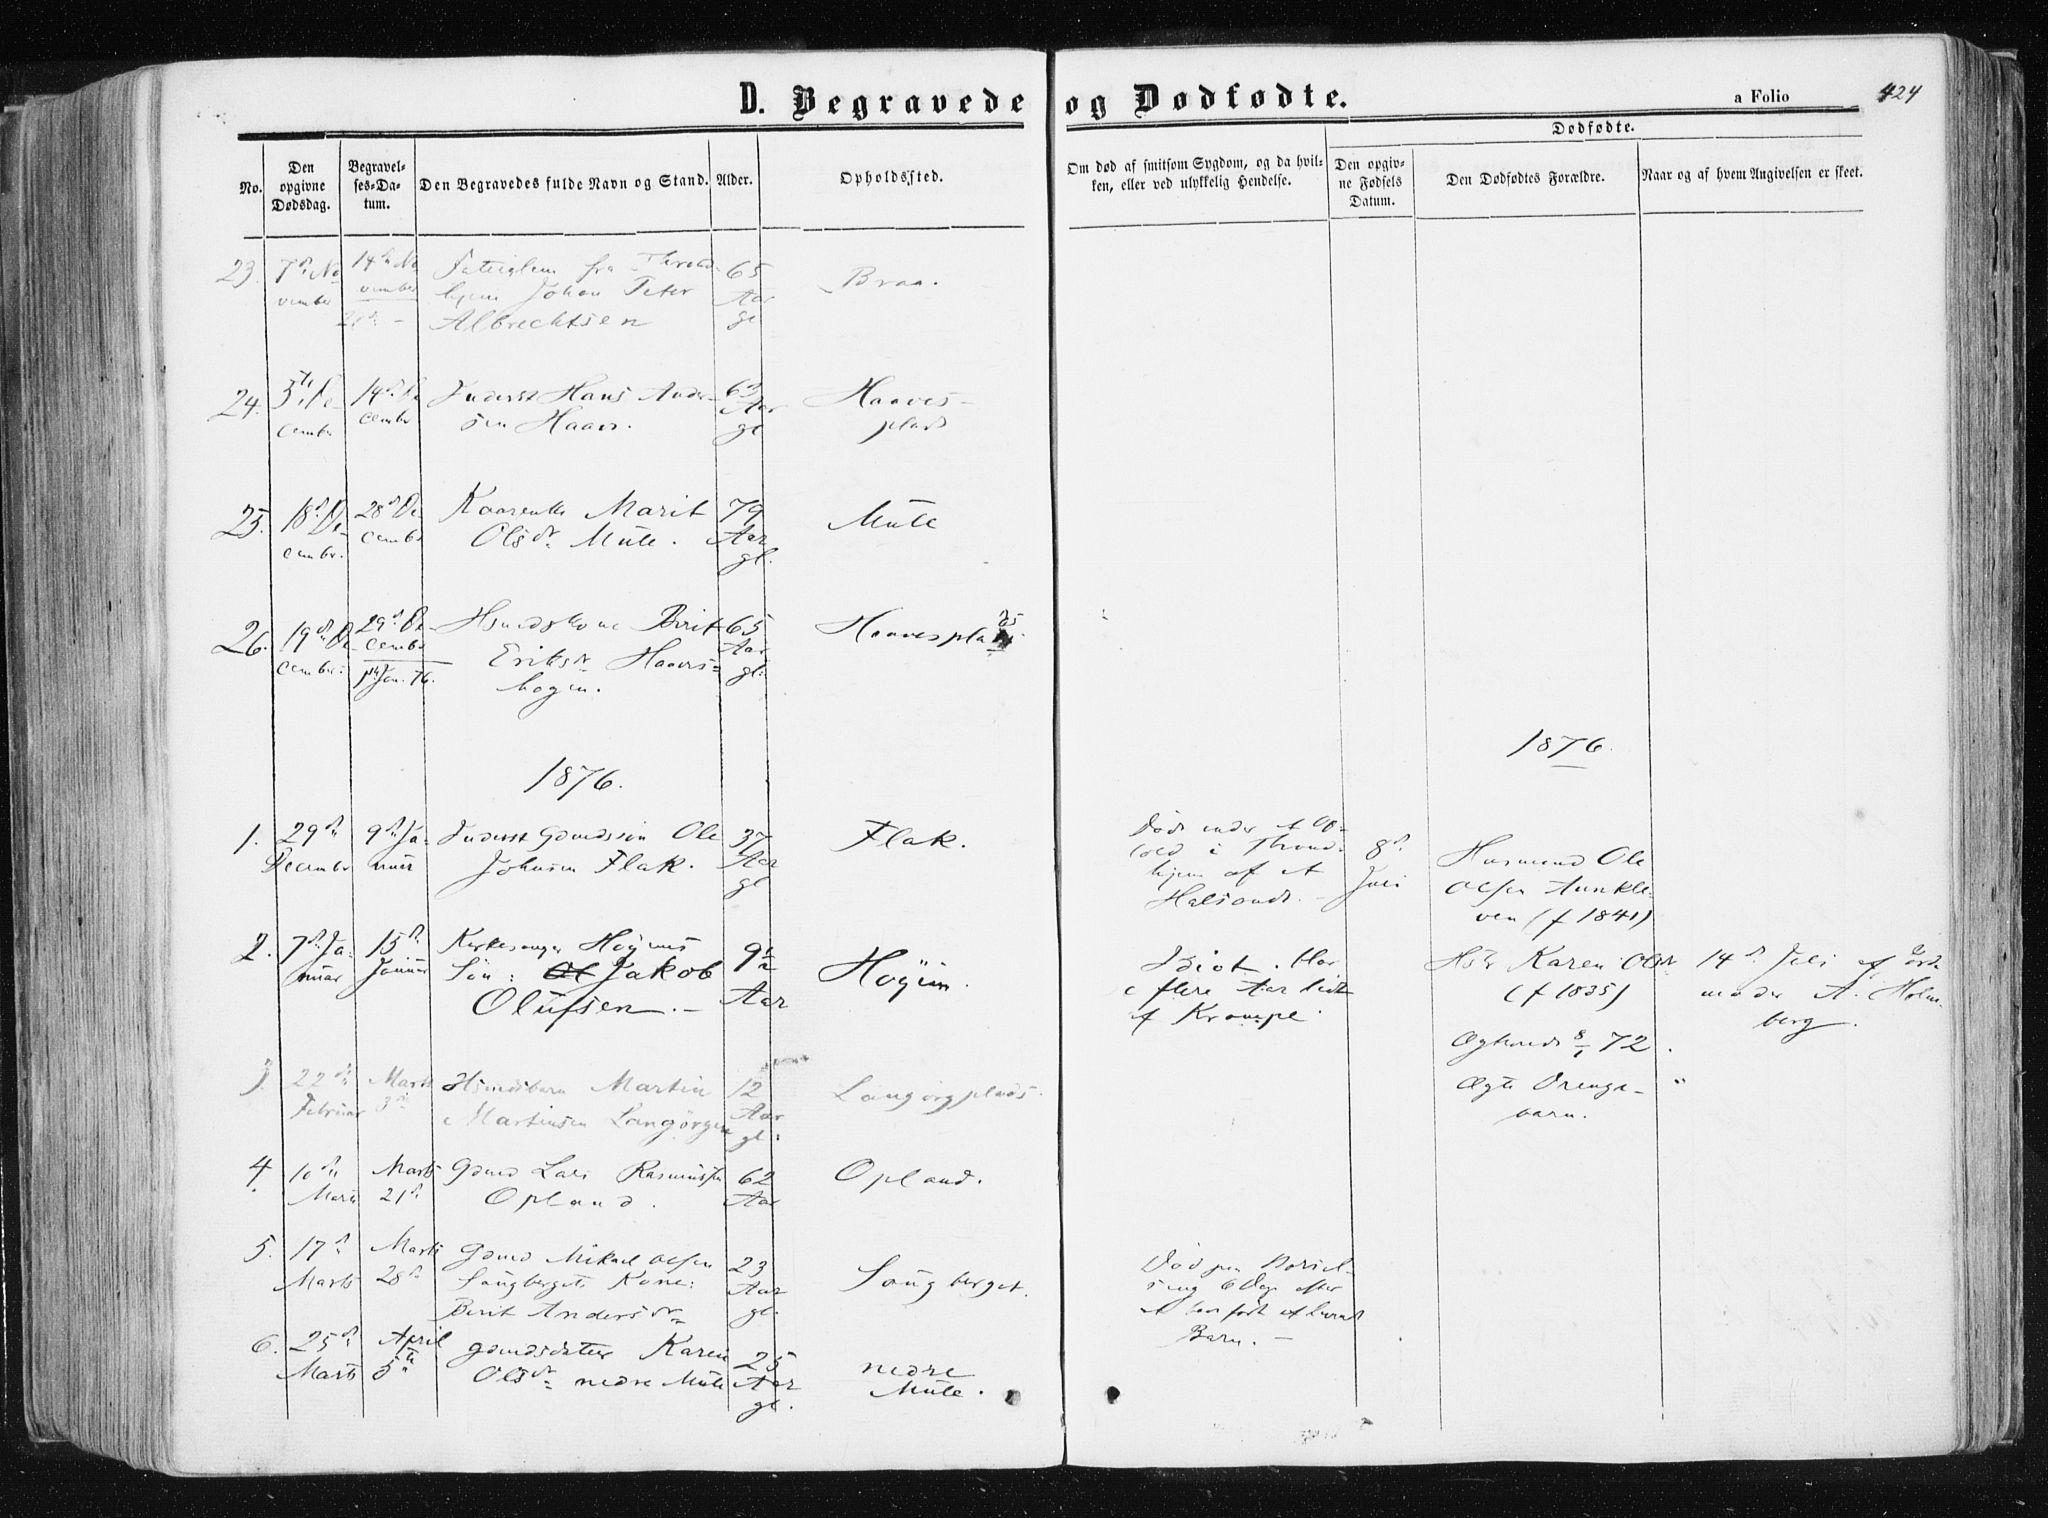 SAT, Ministerialprotokoller, klokkerbøker og fødselsregistre - Sør-Trøndelag, 612/L0377: Ministerialbok nr. 612A09, 1859-1877, s. 424